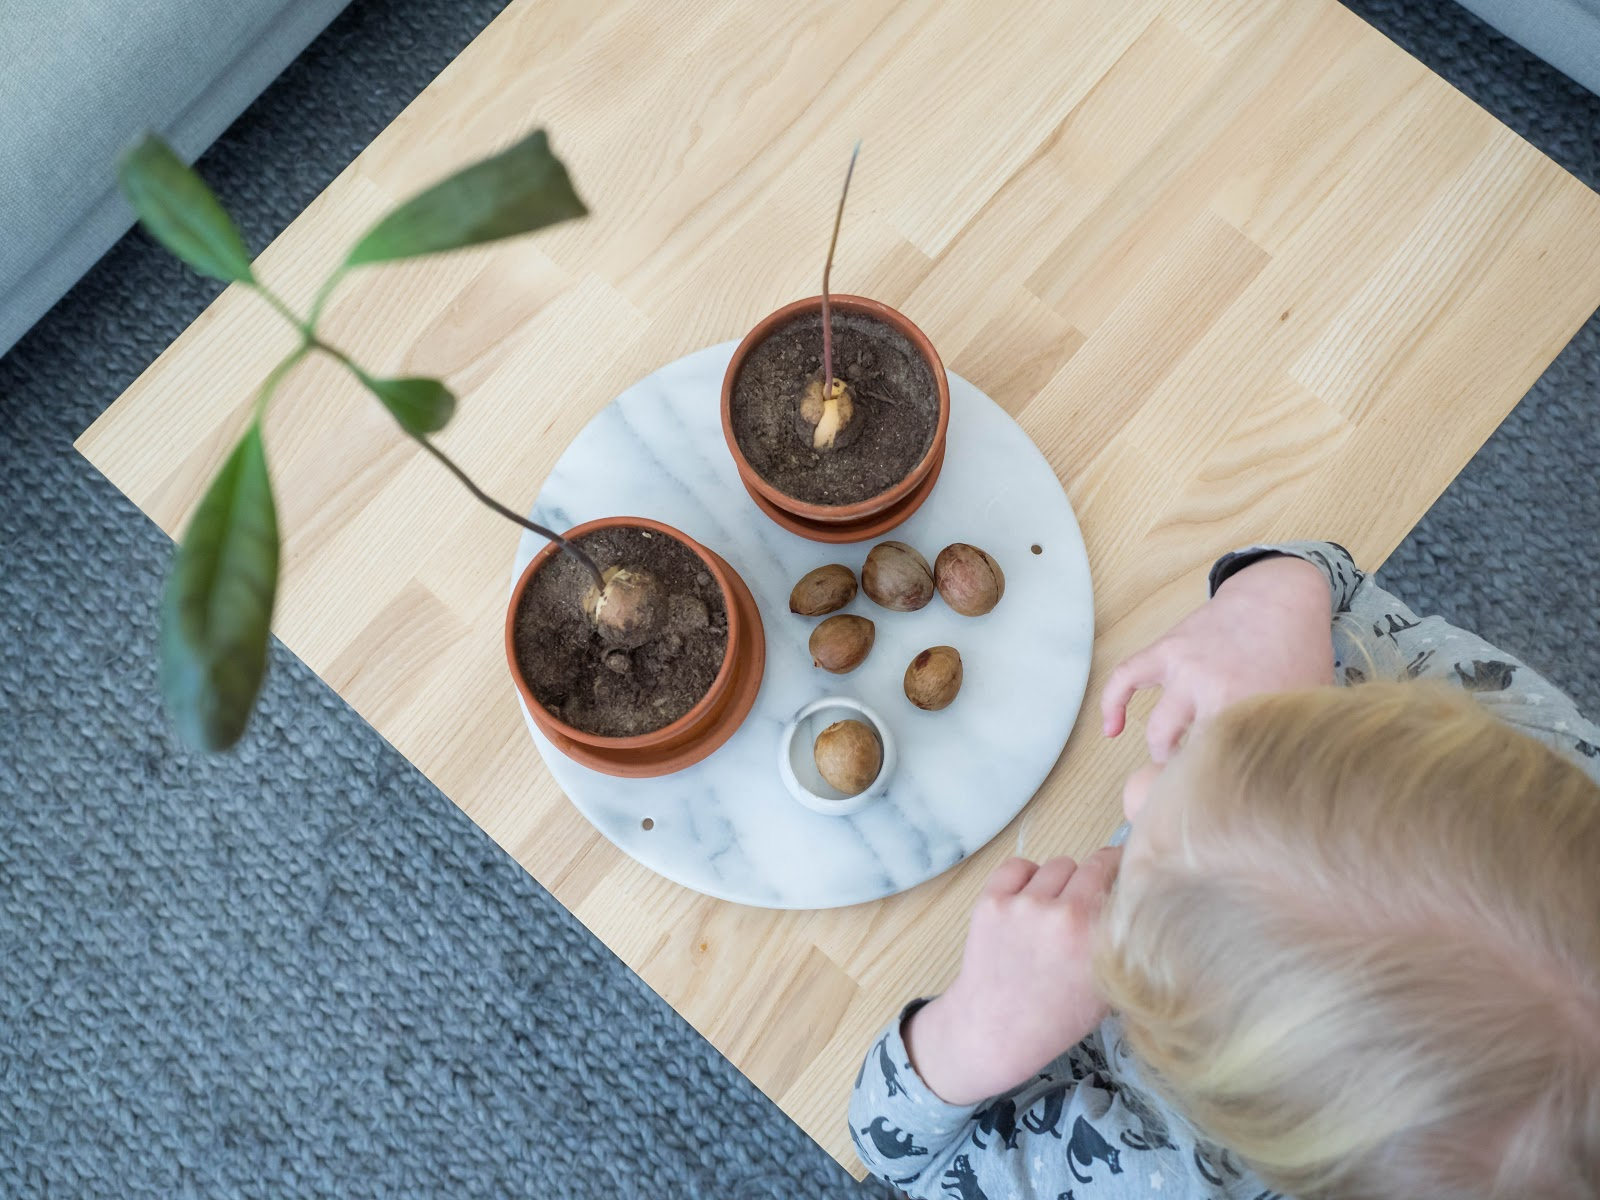 Avokadon viljelijä pieni tyttö